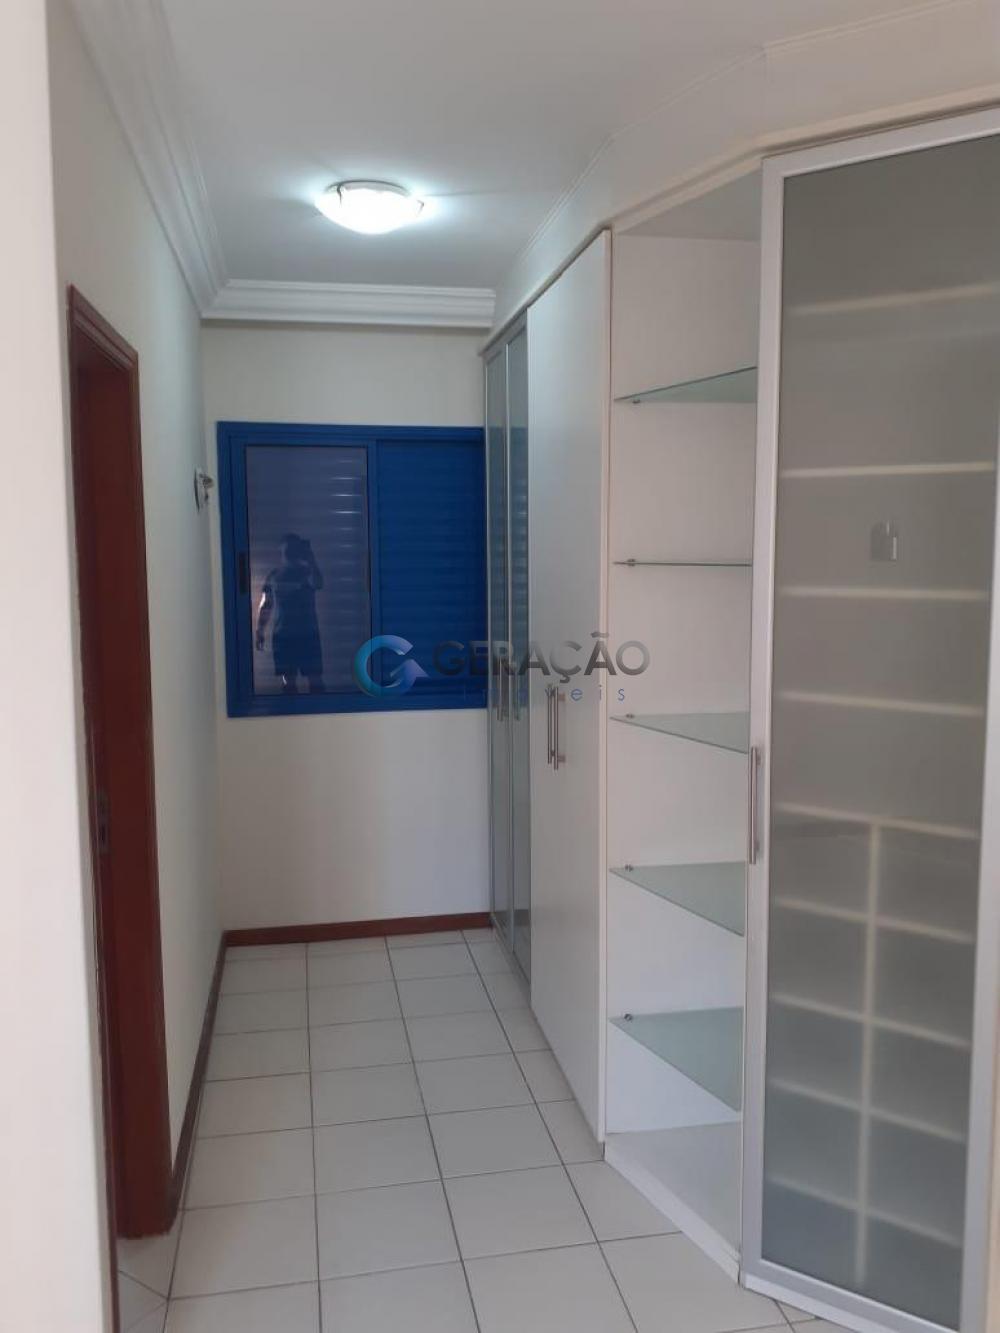 Alugar Apartamento / Padrão em São José dos Campos R$ 1.650,00 - Foto 5